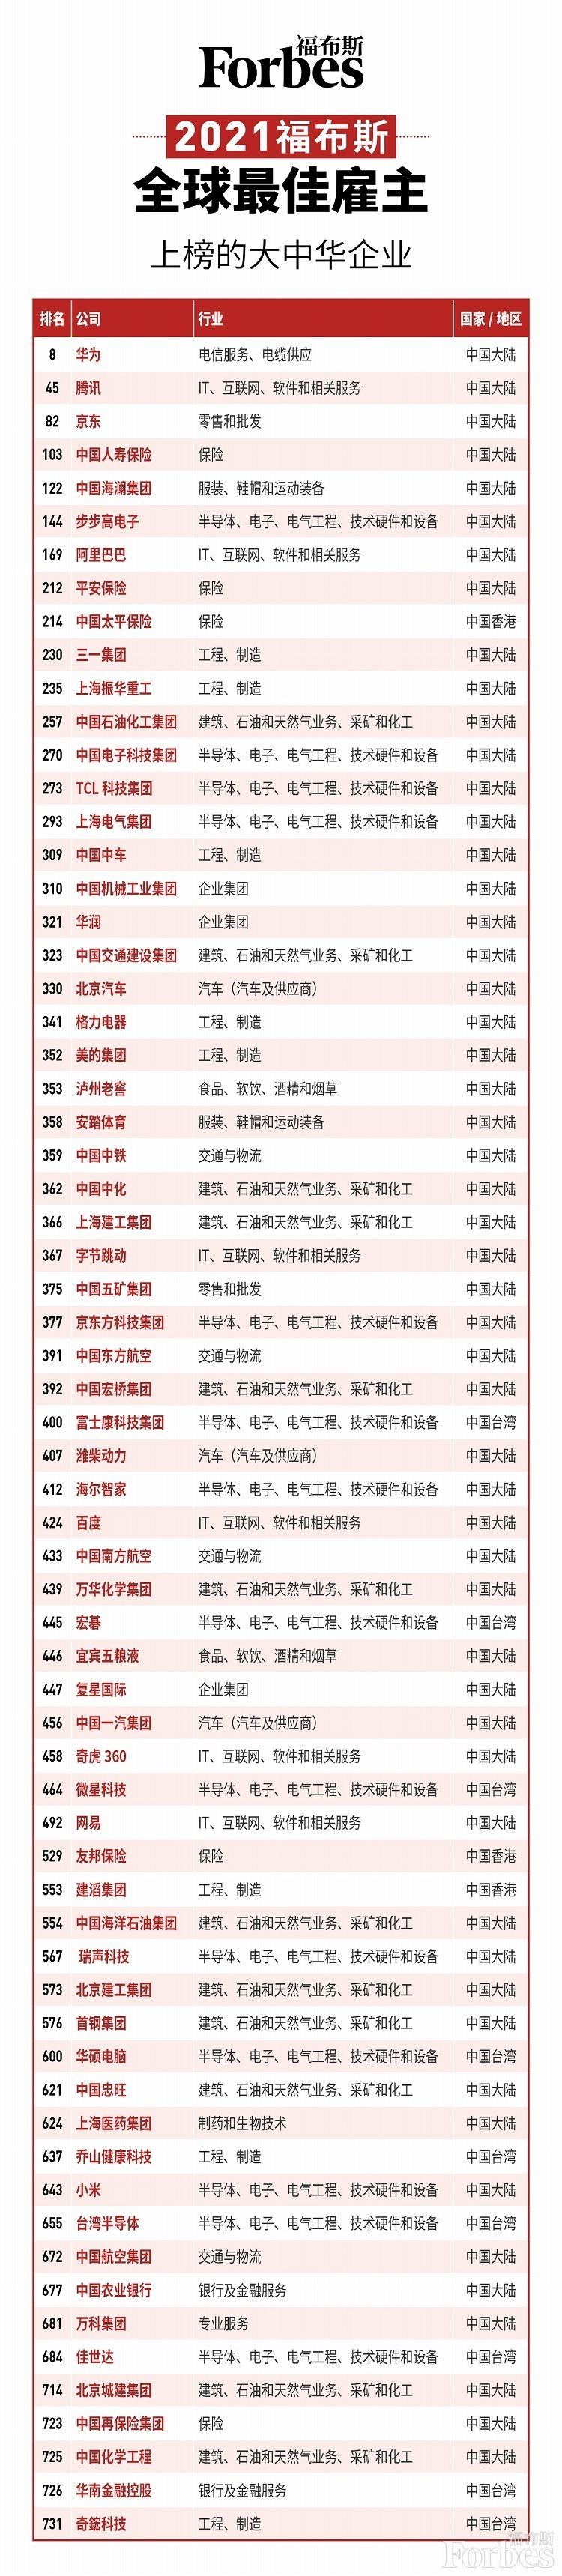 """2021全球最佳雇主中国子榜:华为第一,""""五泸""""上榜却无贵州茅台"""